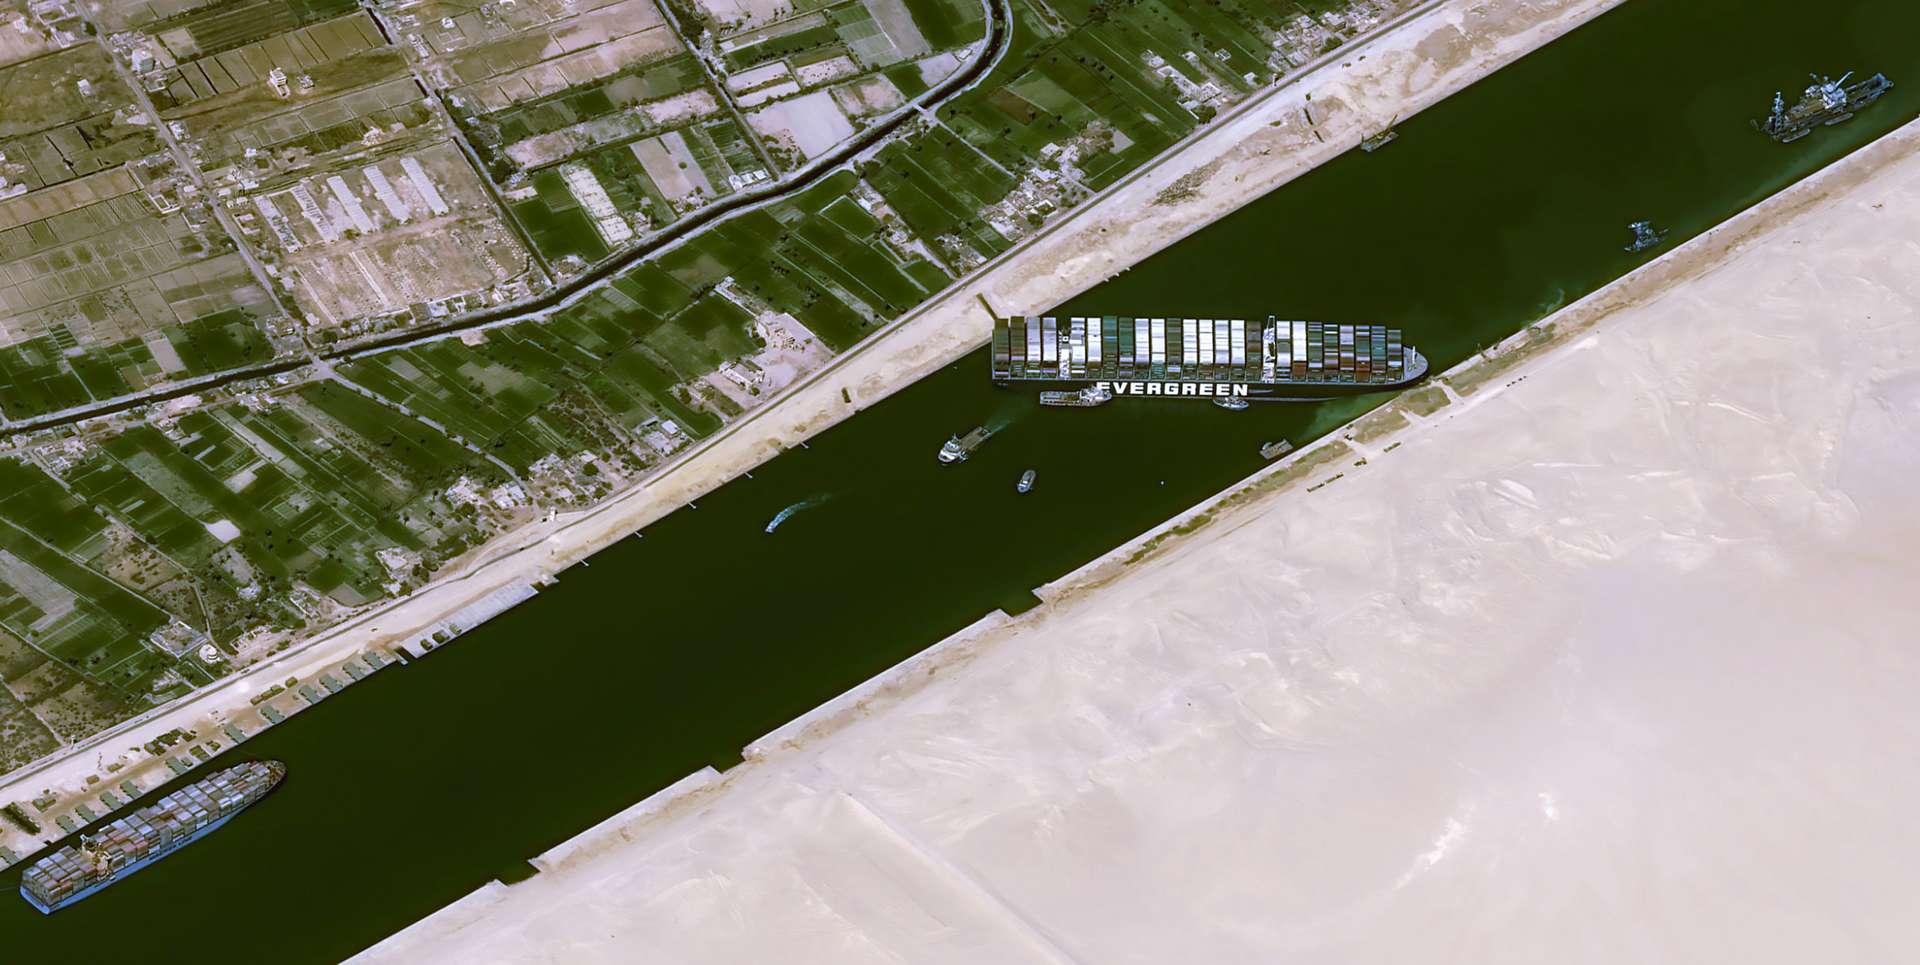 Le porte-conteneurs Ever Given, affrété par la compagnie Evergreen Marine Corp, est ici observé par un satellite à très haute résolution Pléiades. © Cnes 2021, Distribution Airbus DS